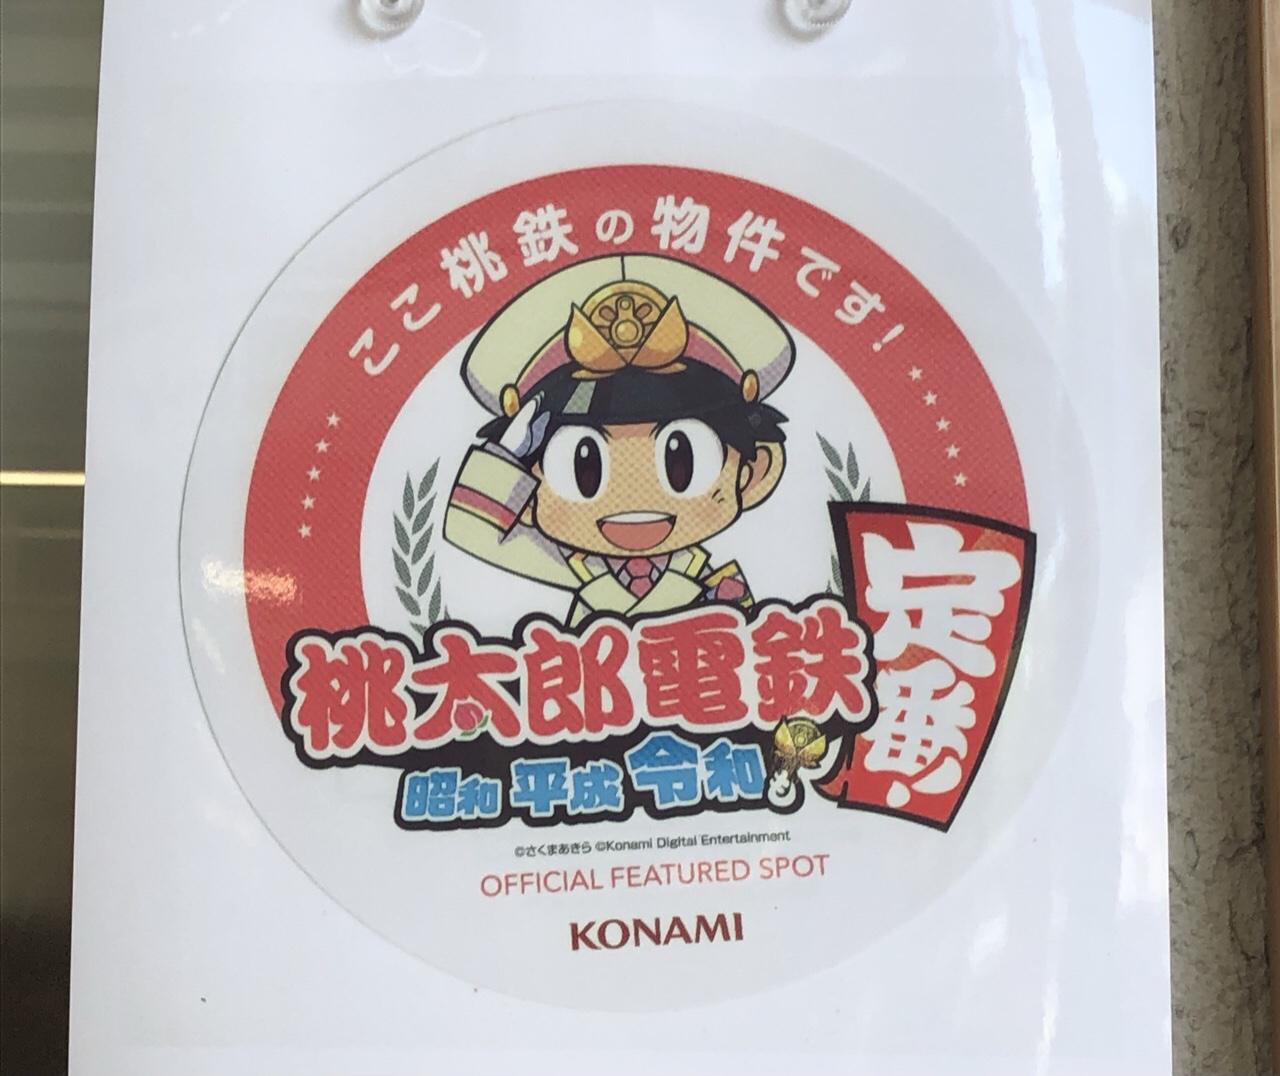 桃太郎電鉄のキャラクターが載っているシール